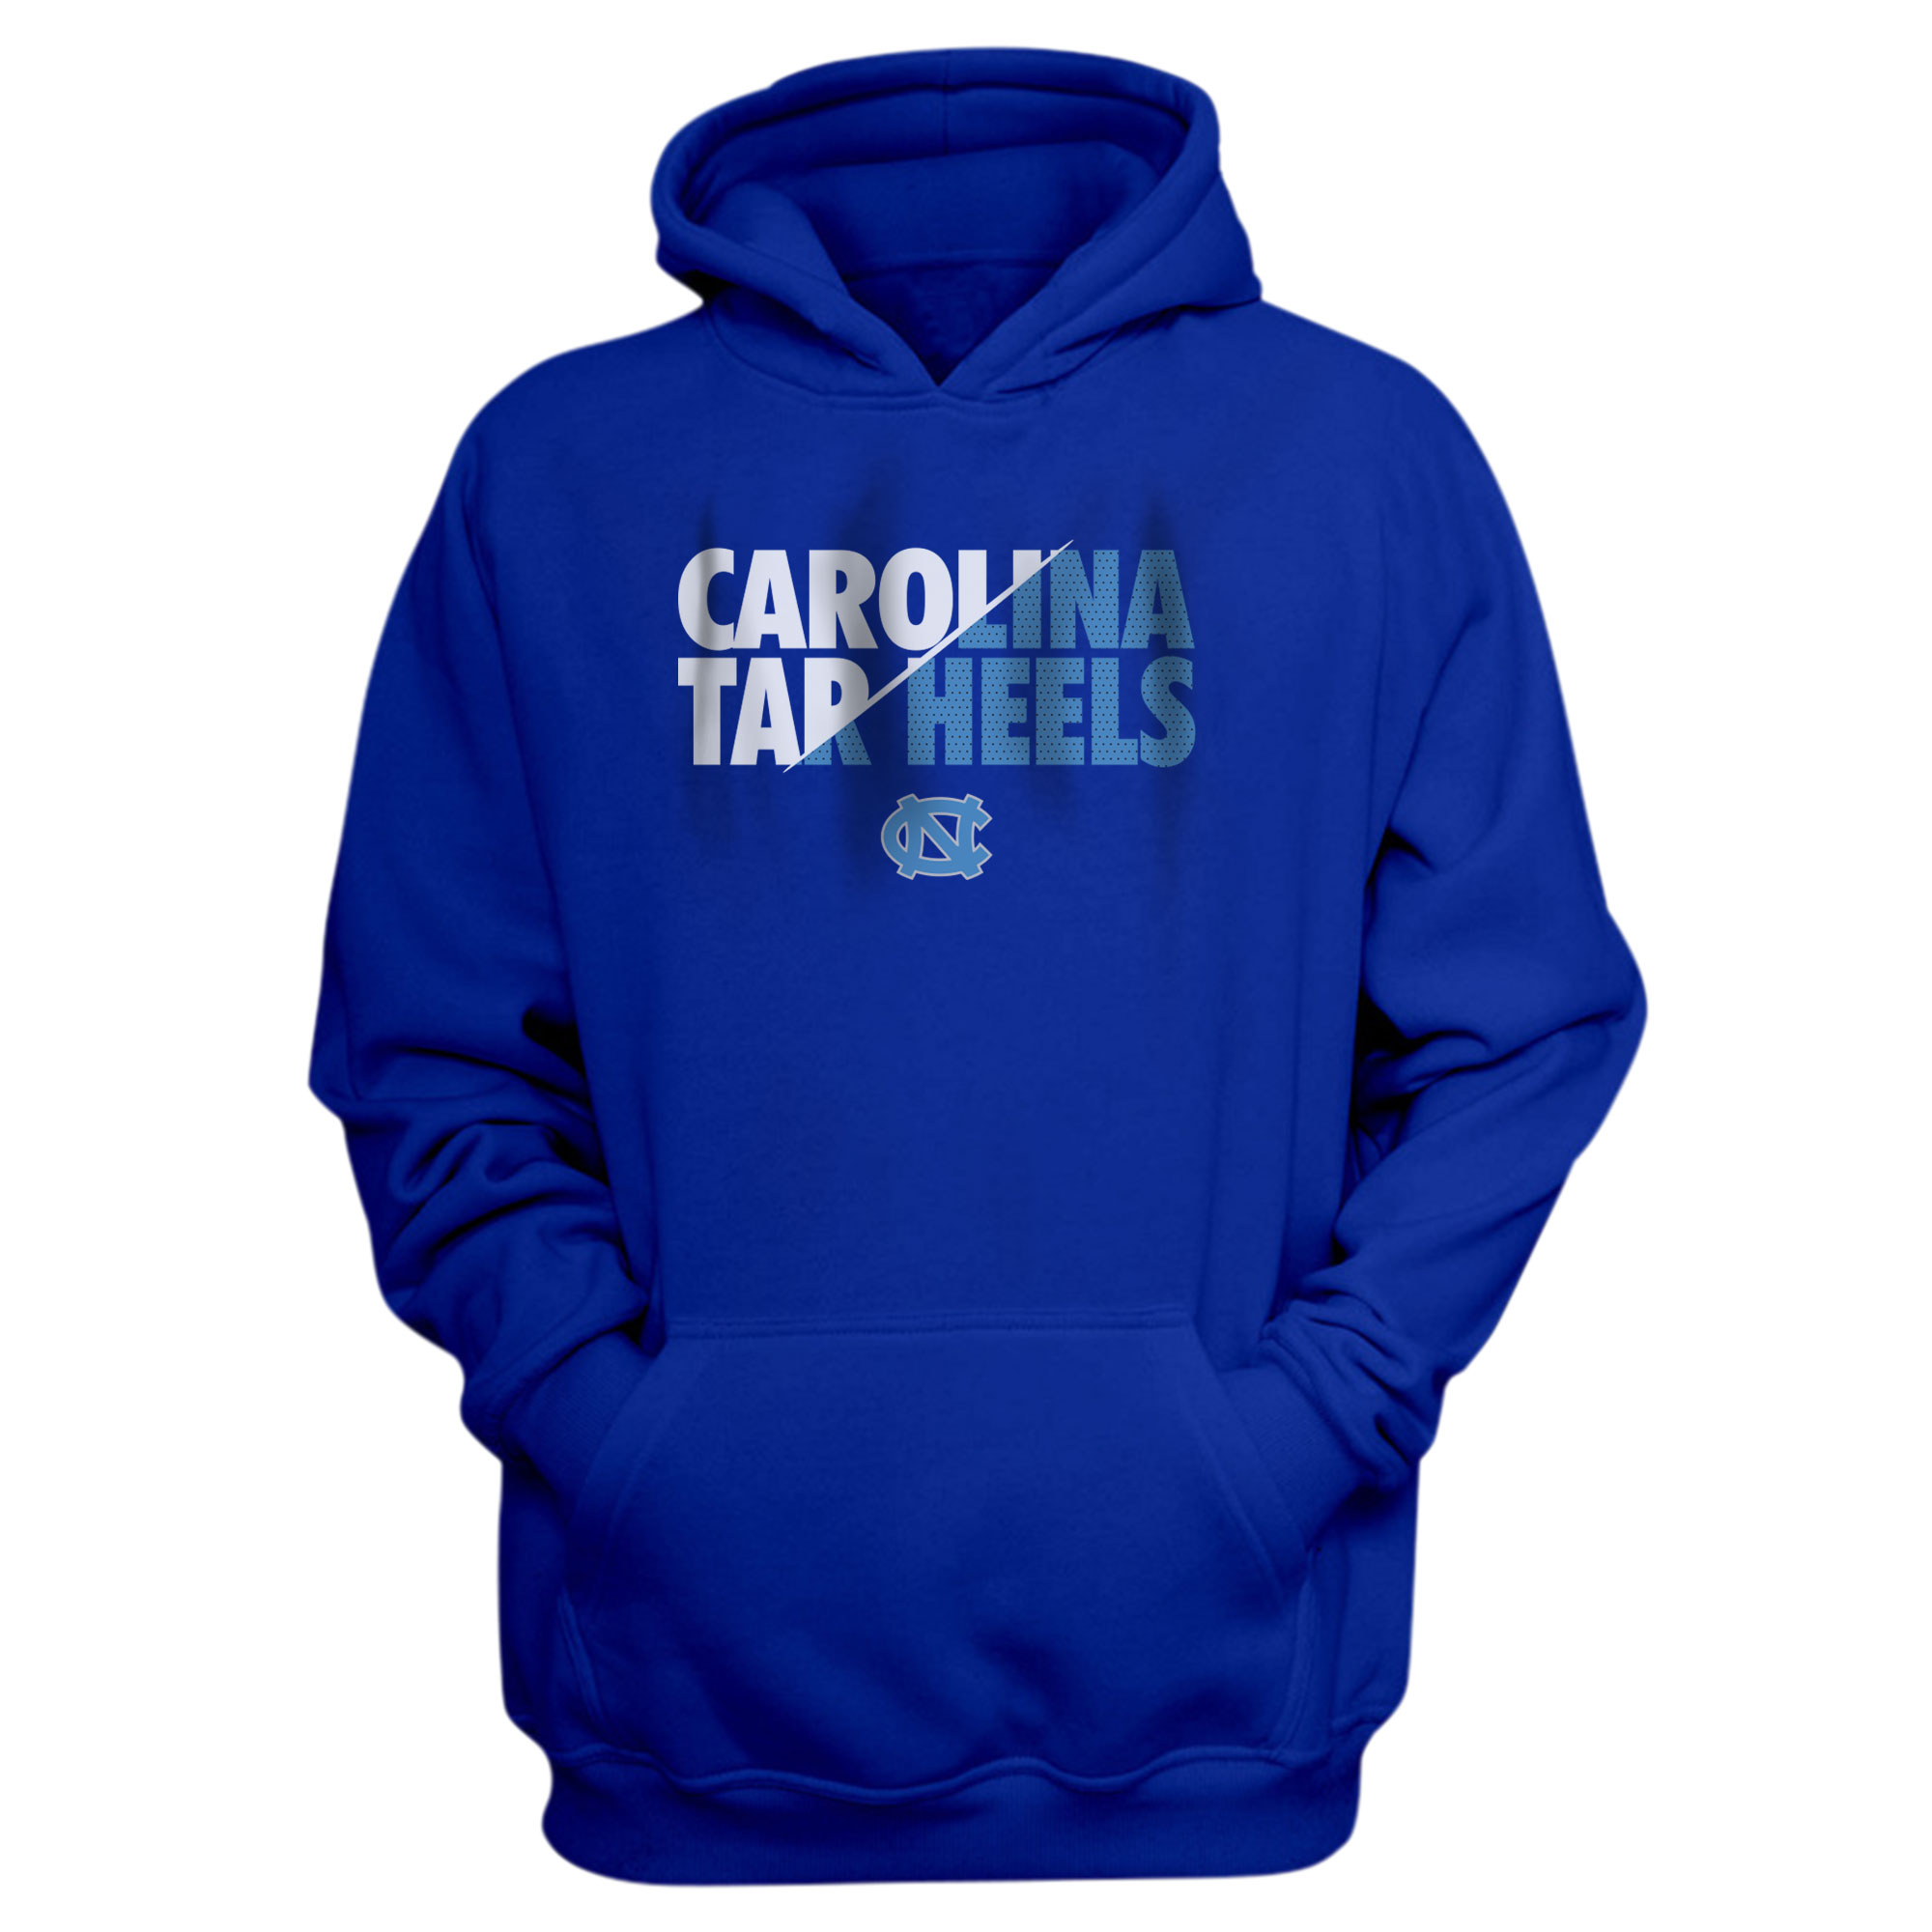 Carolina Tar Heels Hoodie  (HD-BLU-486-NCAA-CAROLINA-HEELS)